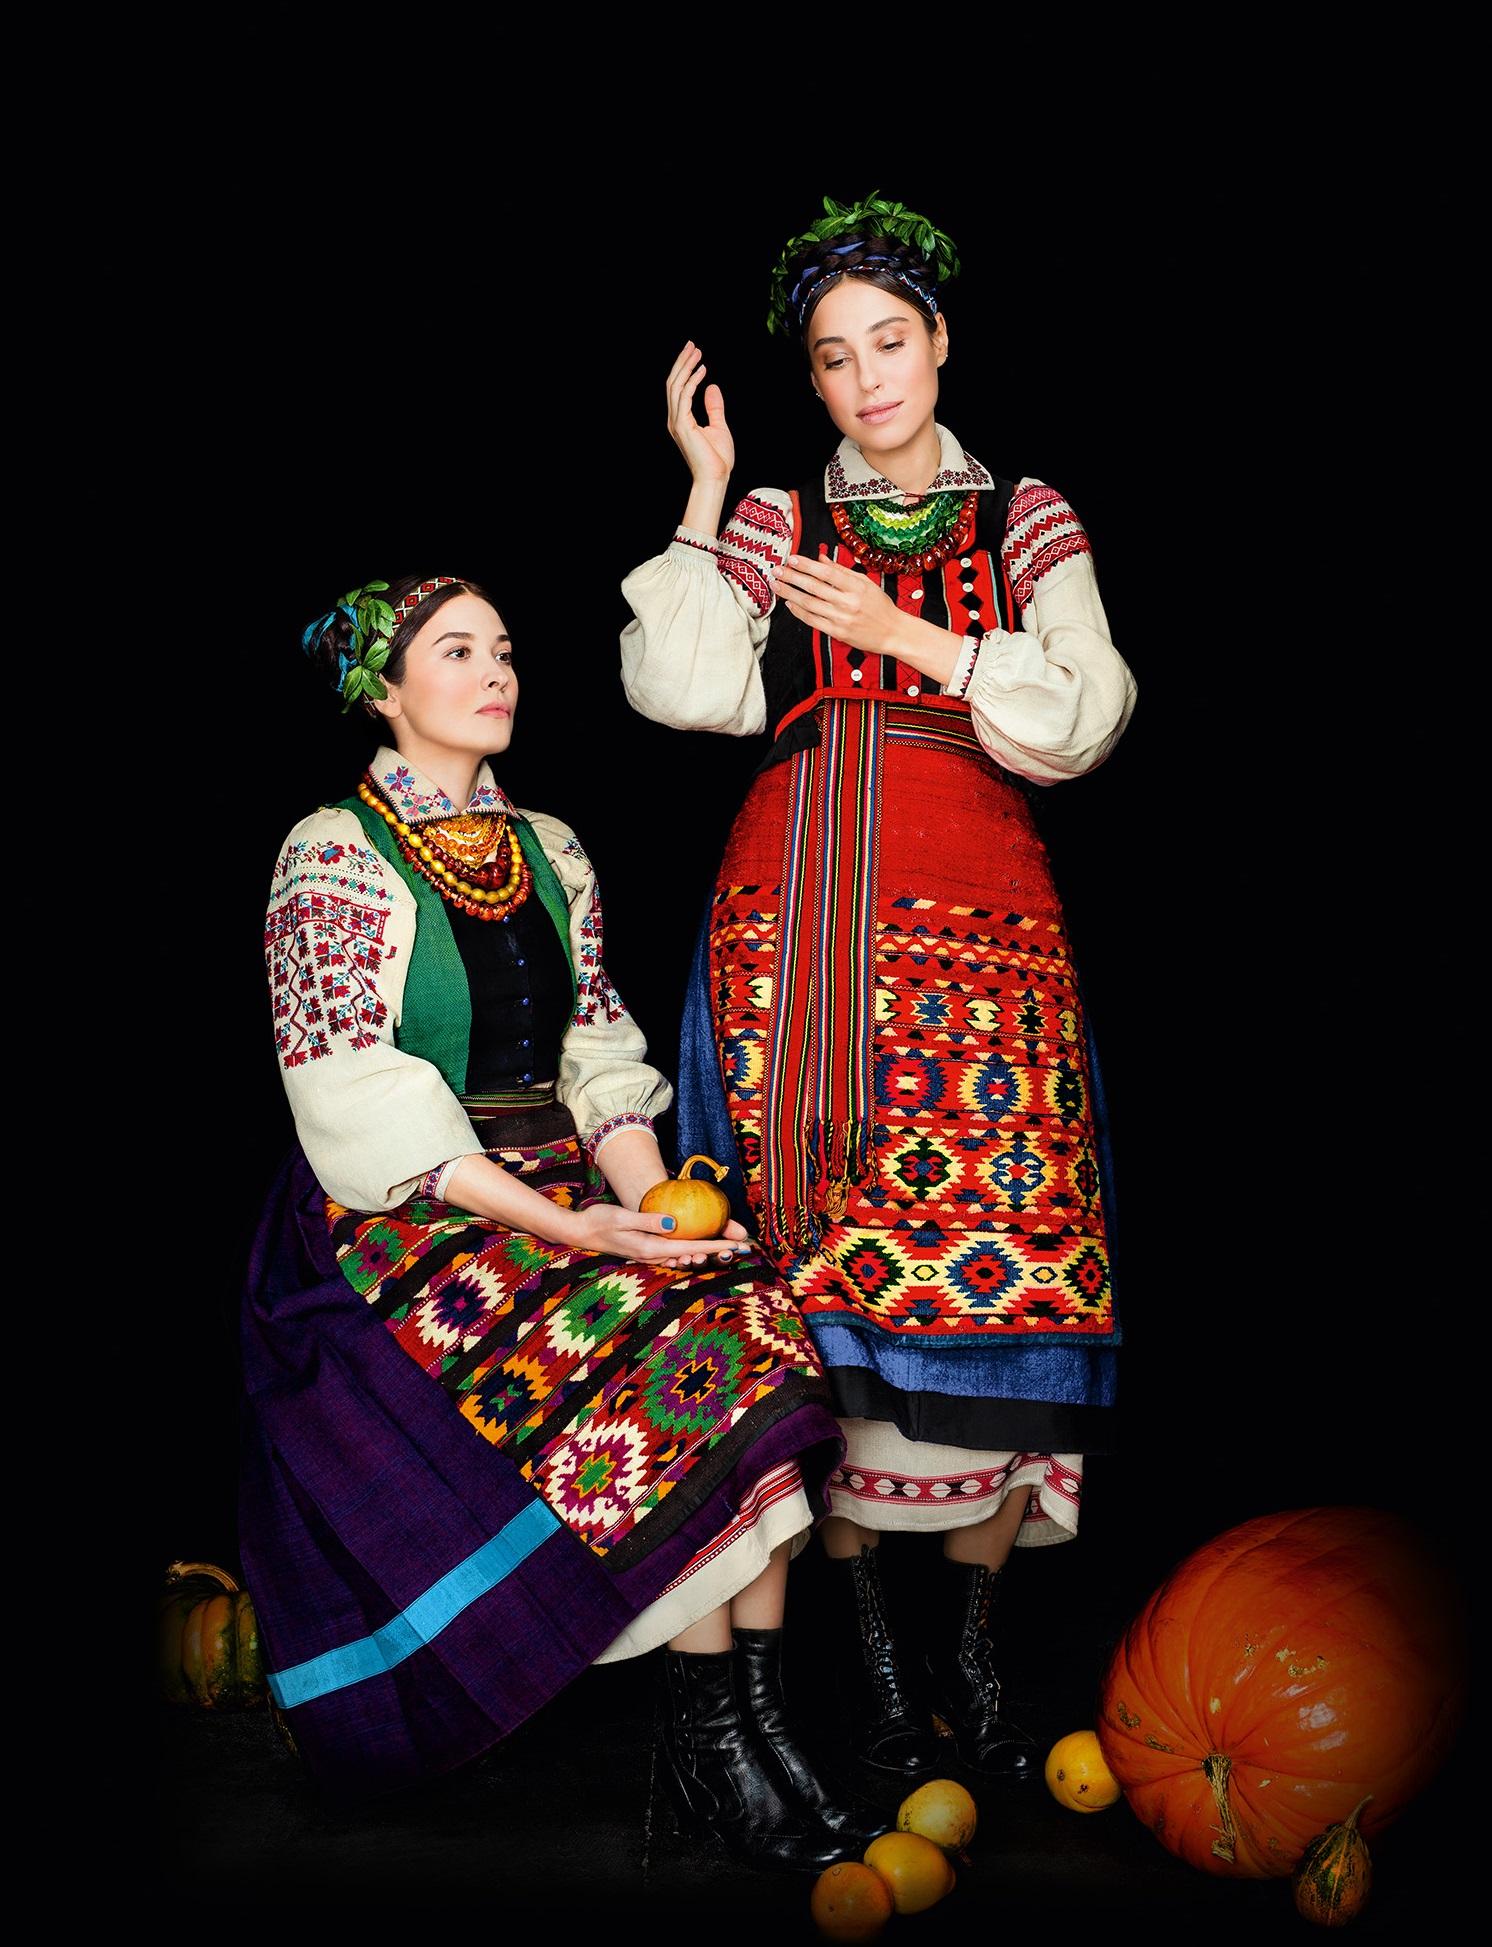 Кароль, Фреймут, Єфросиніна вбралися у розкішне українське вбрання - фото 5